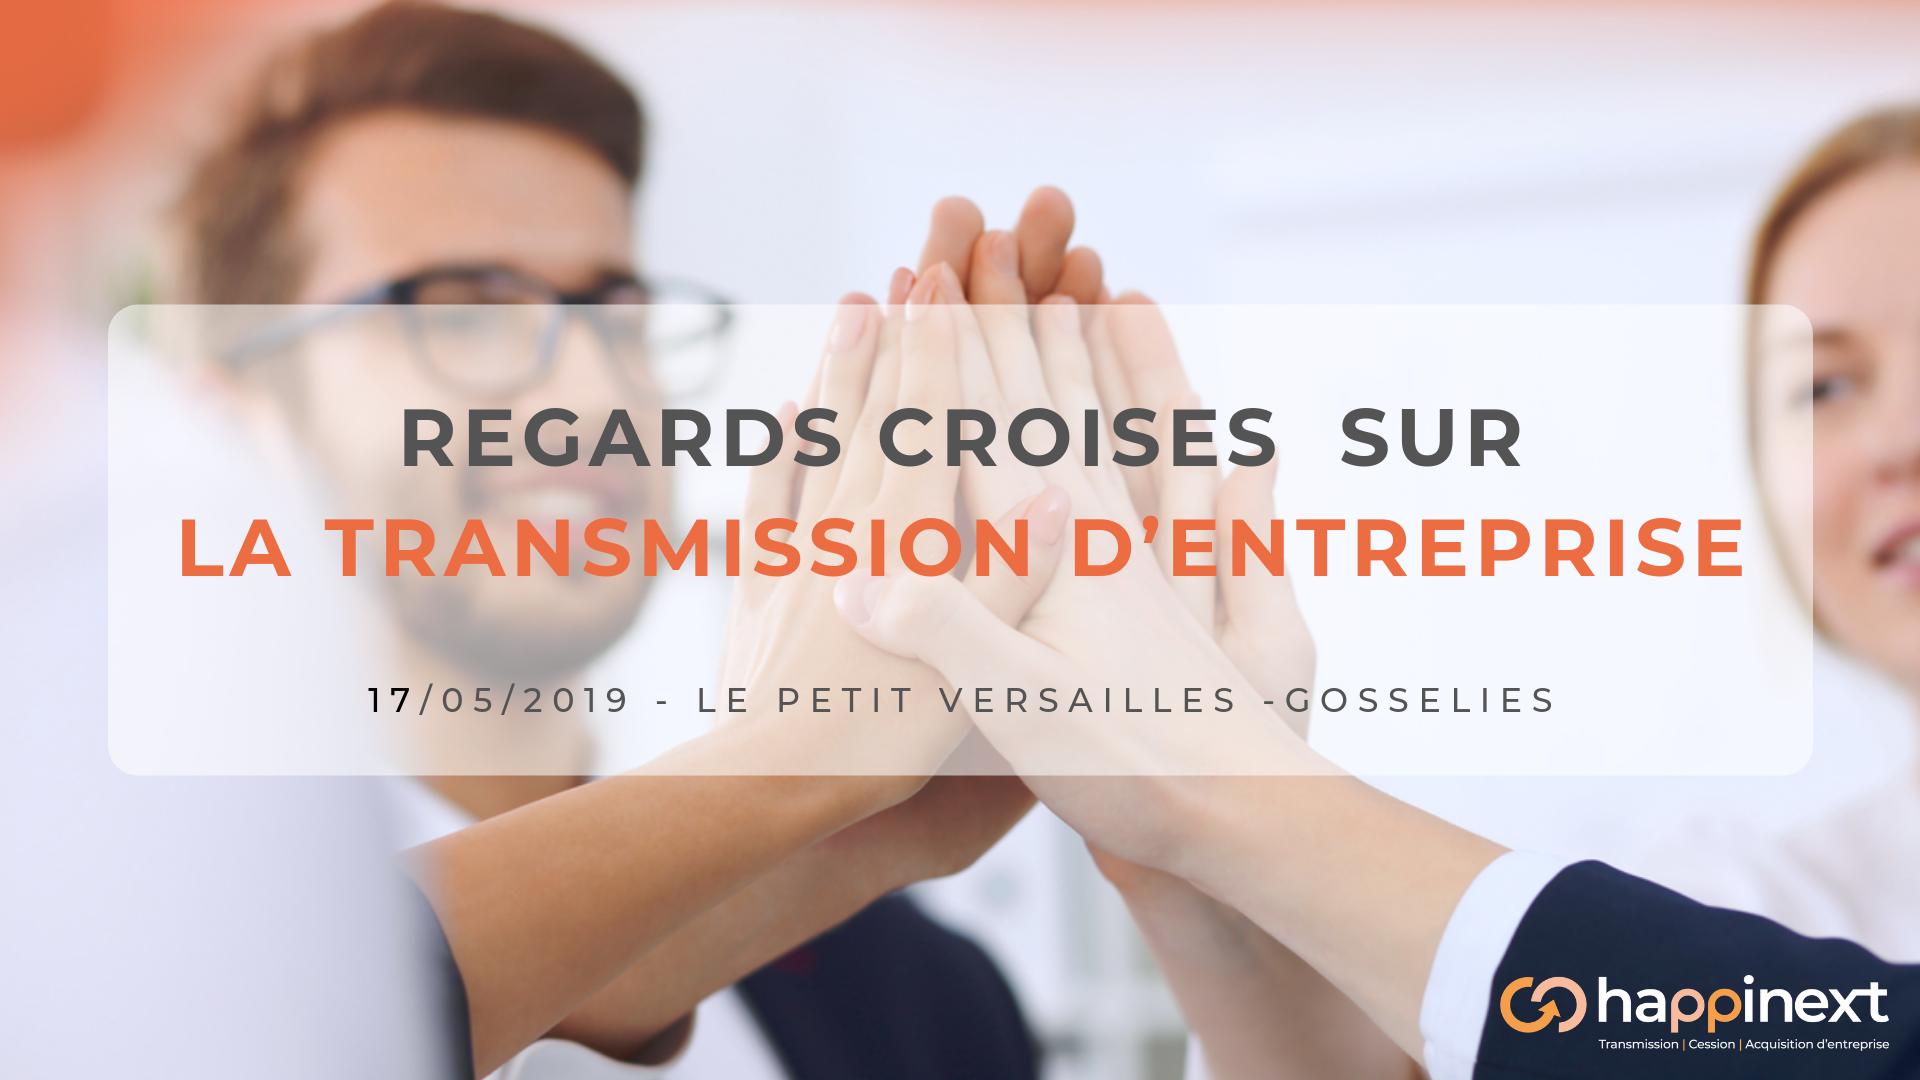 Regards croisés sur la transmission d'entreprise : Transmission eentreprise | cession entreprise | acquisition entreprise : Happinext Wallonie (Hainaut-Namur)